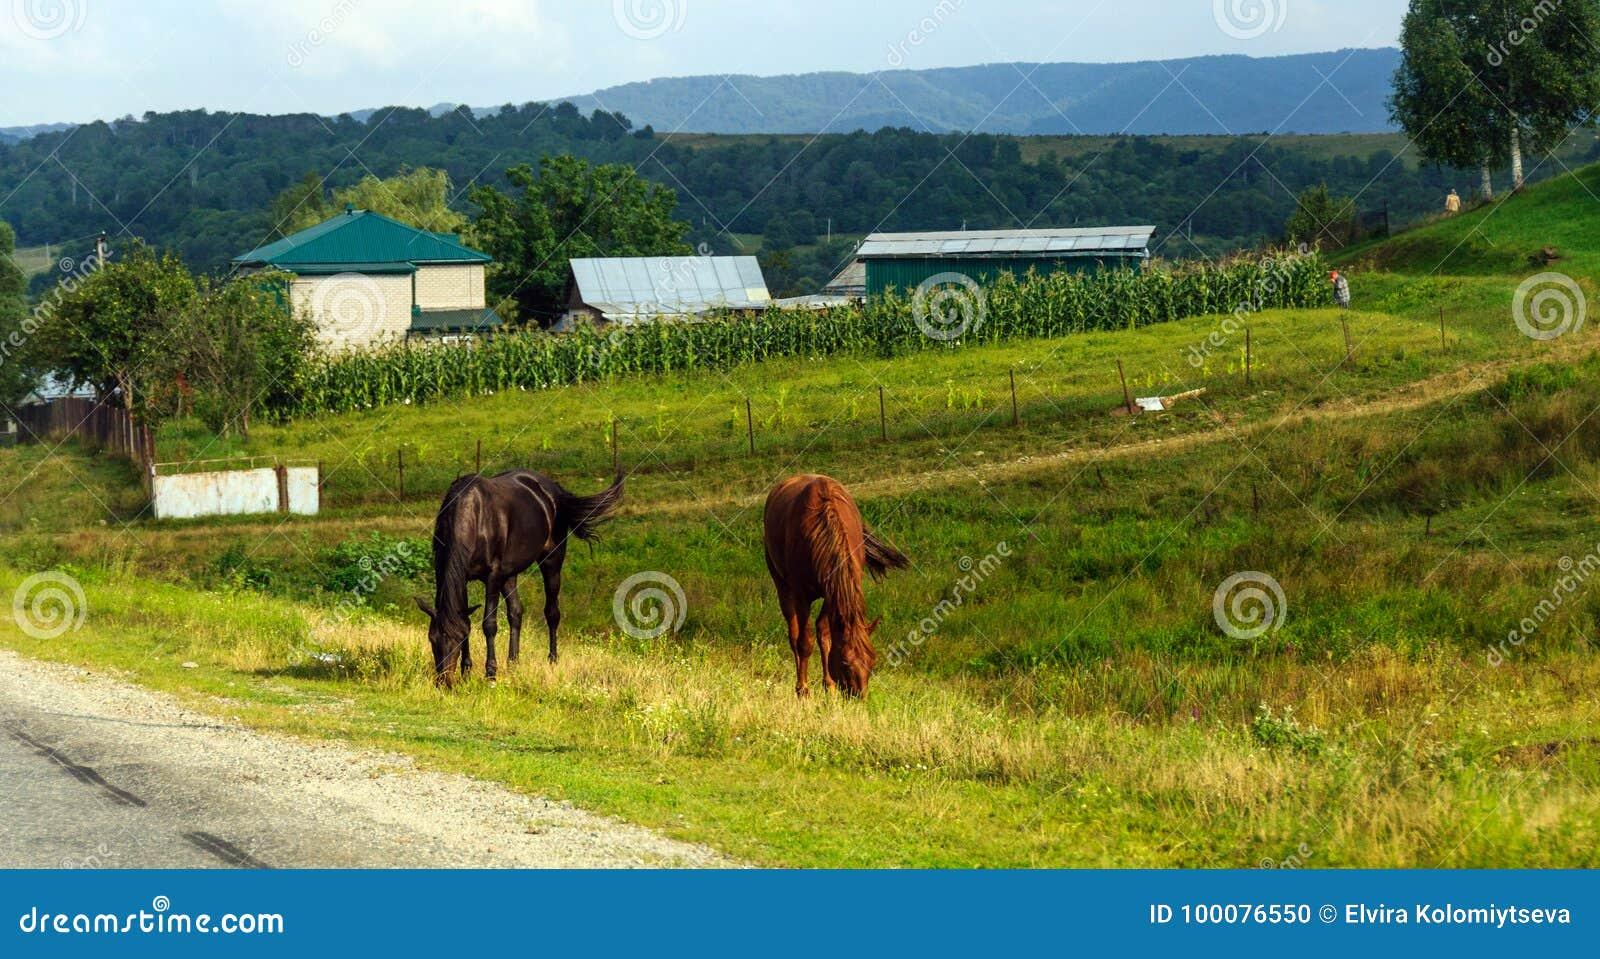 Сельская жизнь: лошади пася